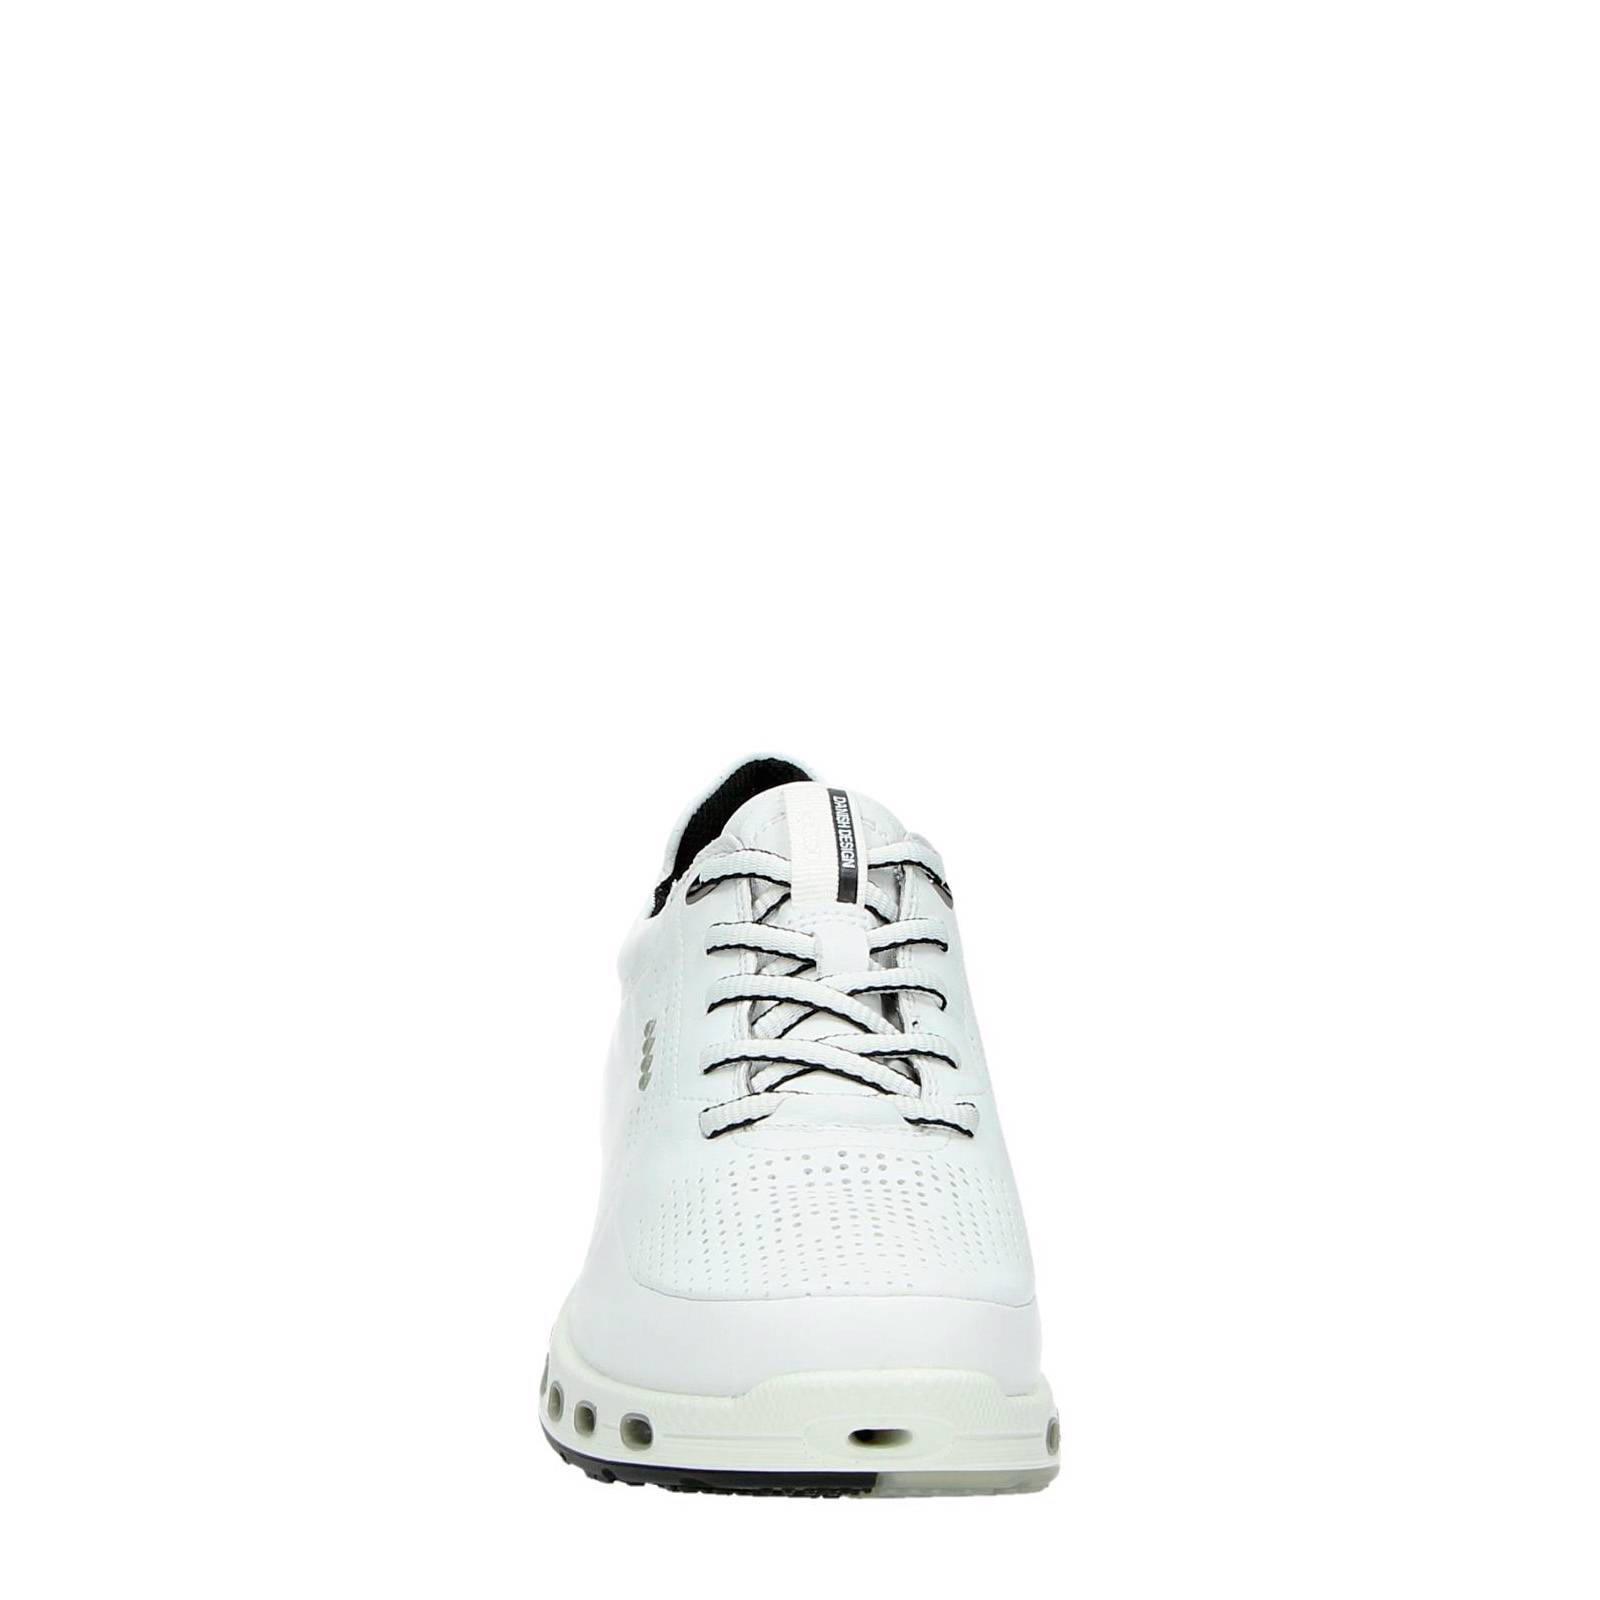 Ecco leren sneakers Cool 2.0 wit | wehkamp